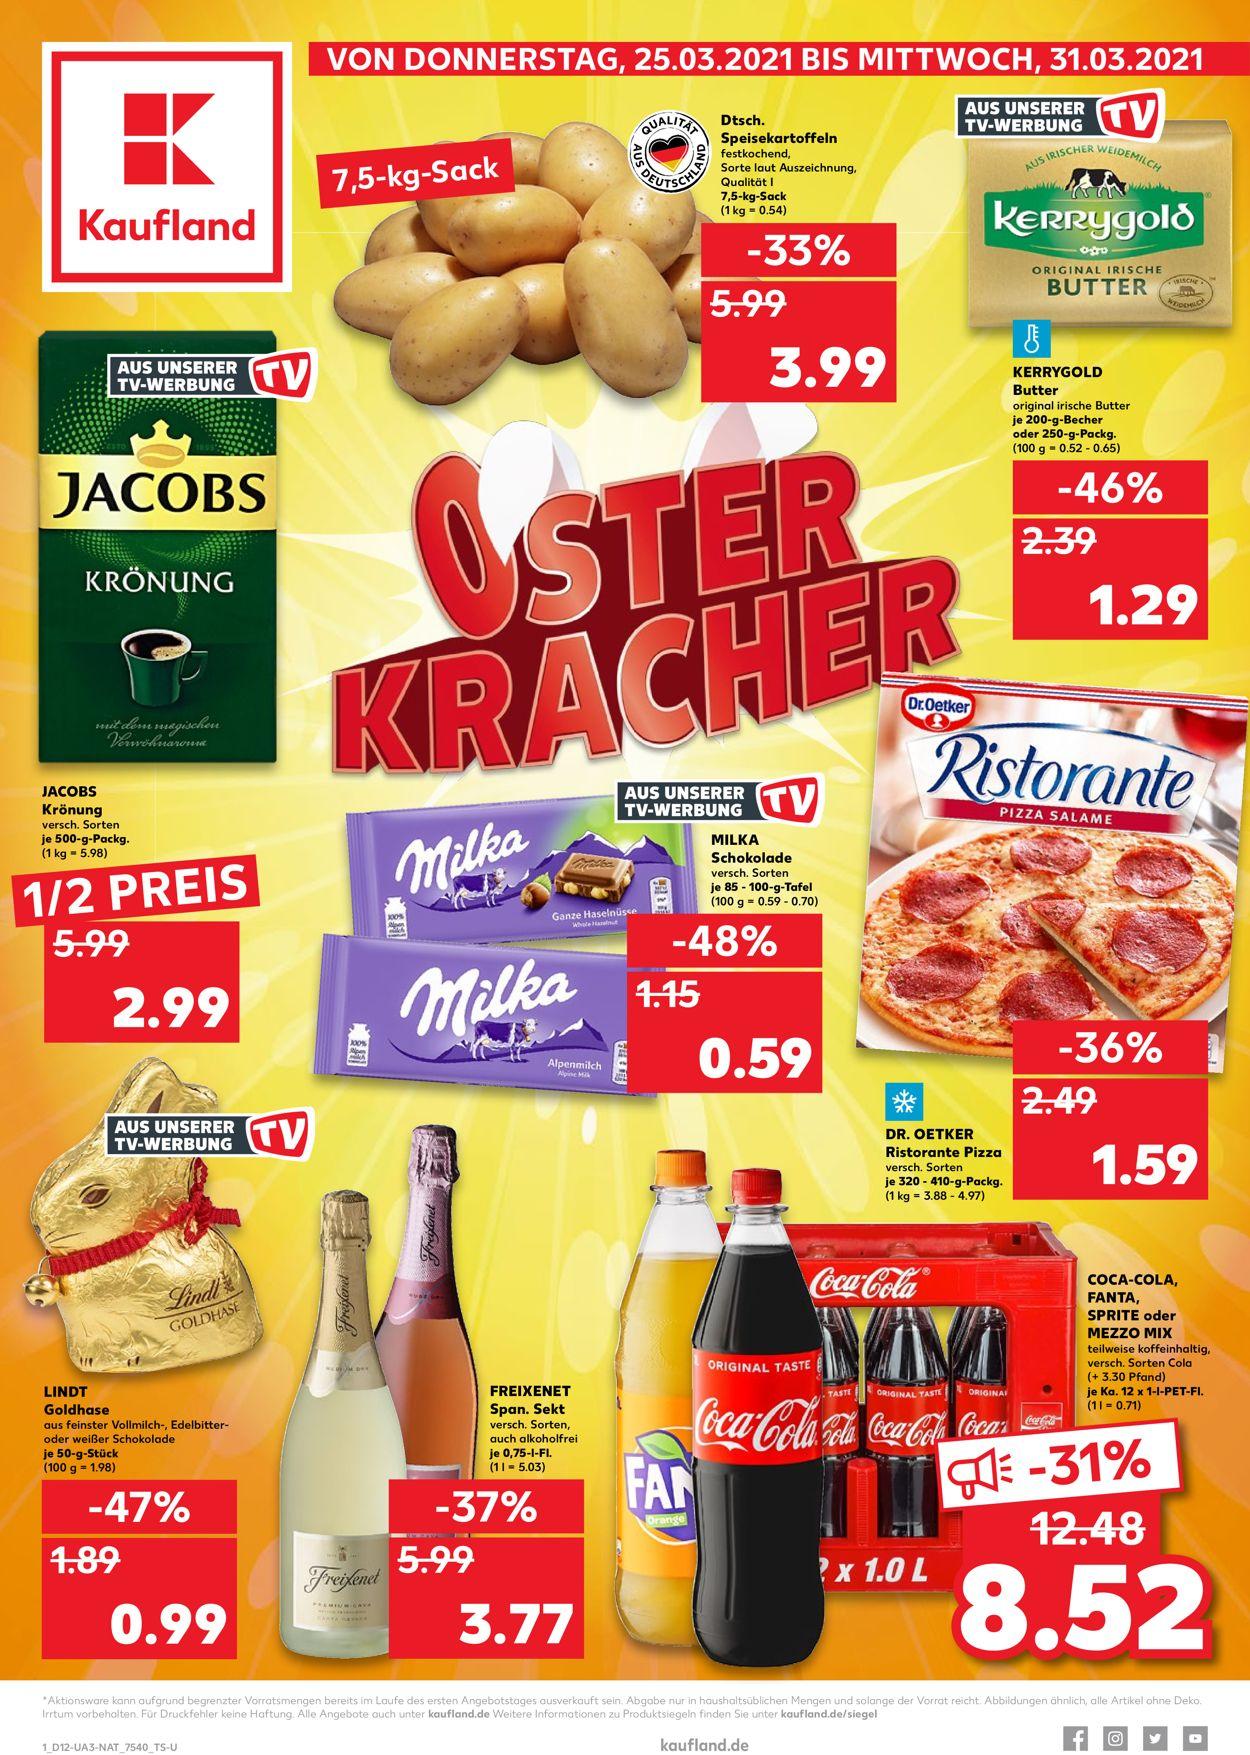 Kaufland Ostern 2021 Prospekt - Aktuell vom 25.03-31.03.2021